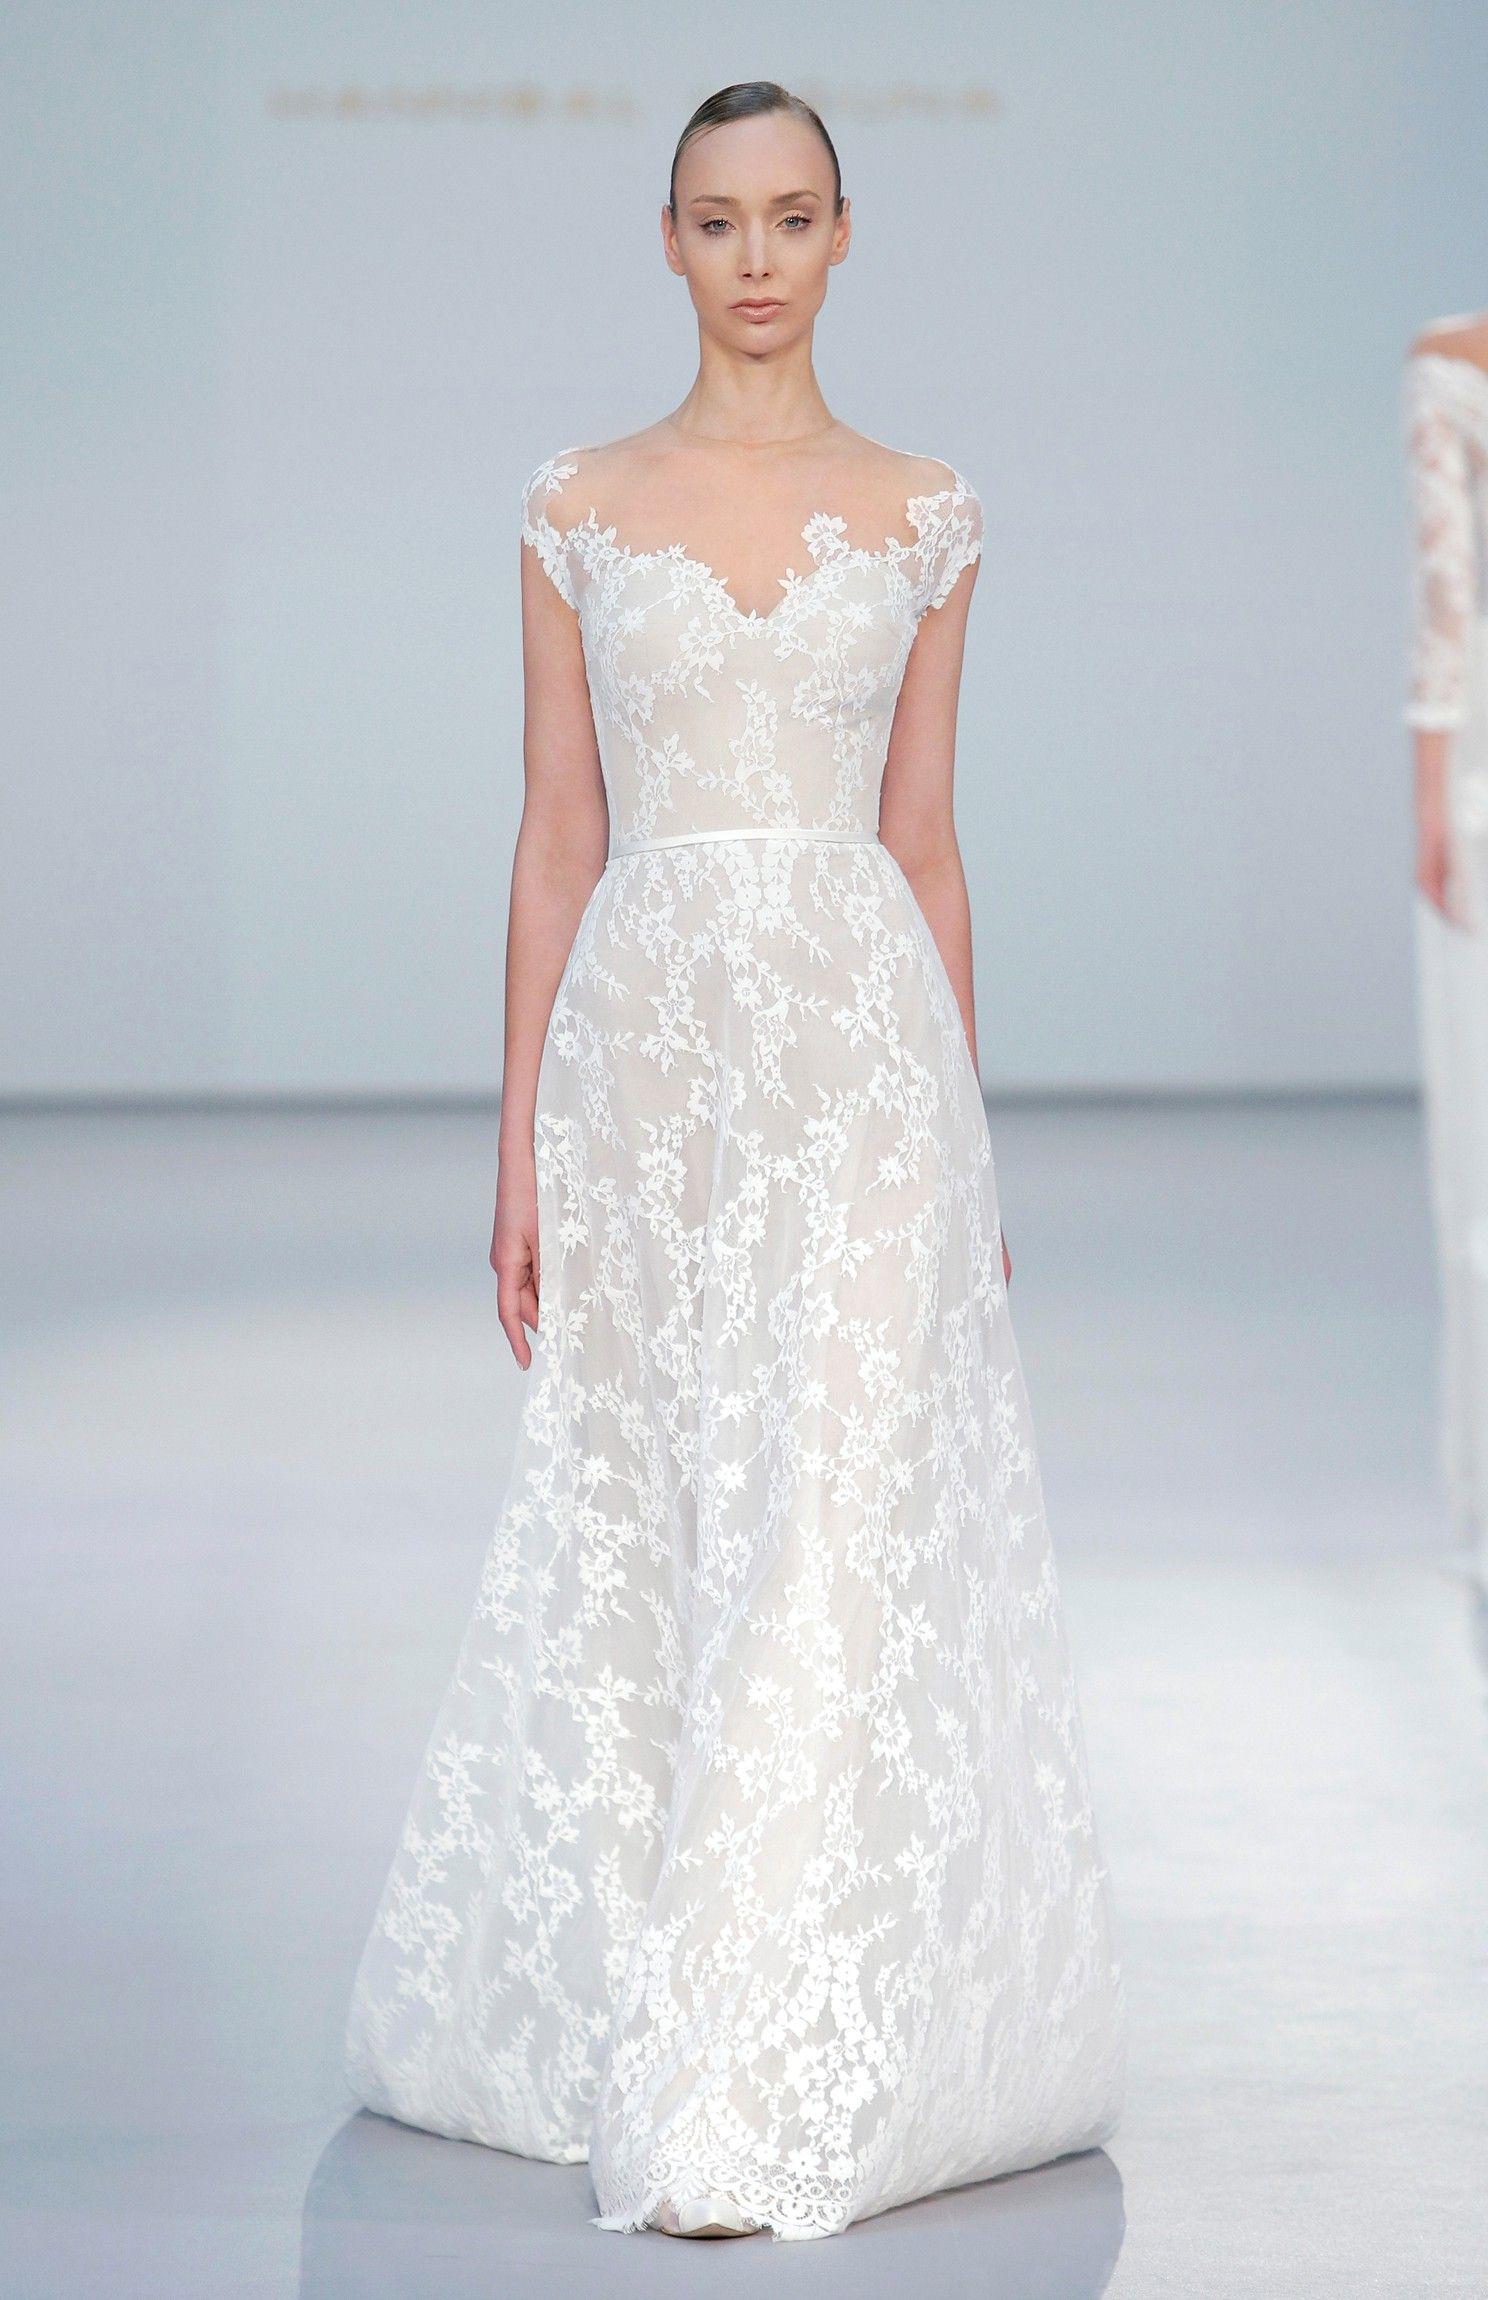 Dorable Vestir Novias Inspiration - All Wedding Dresses ...